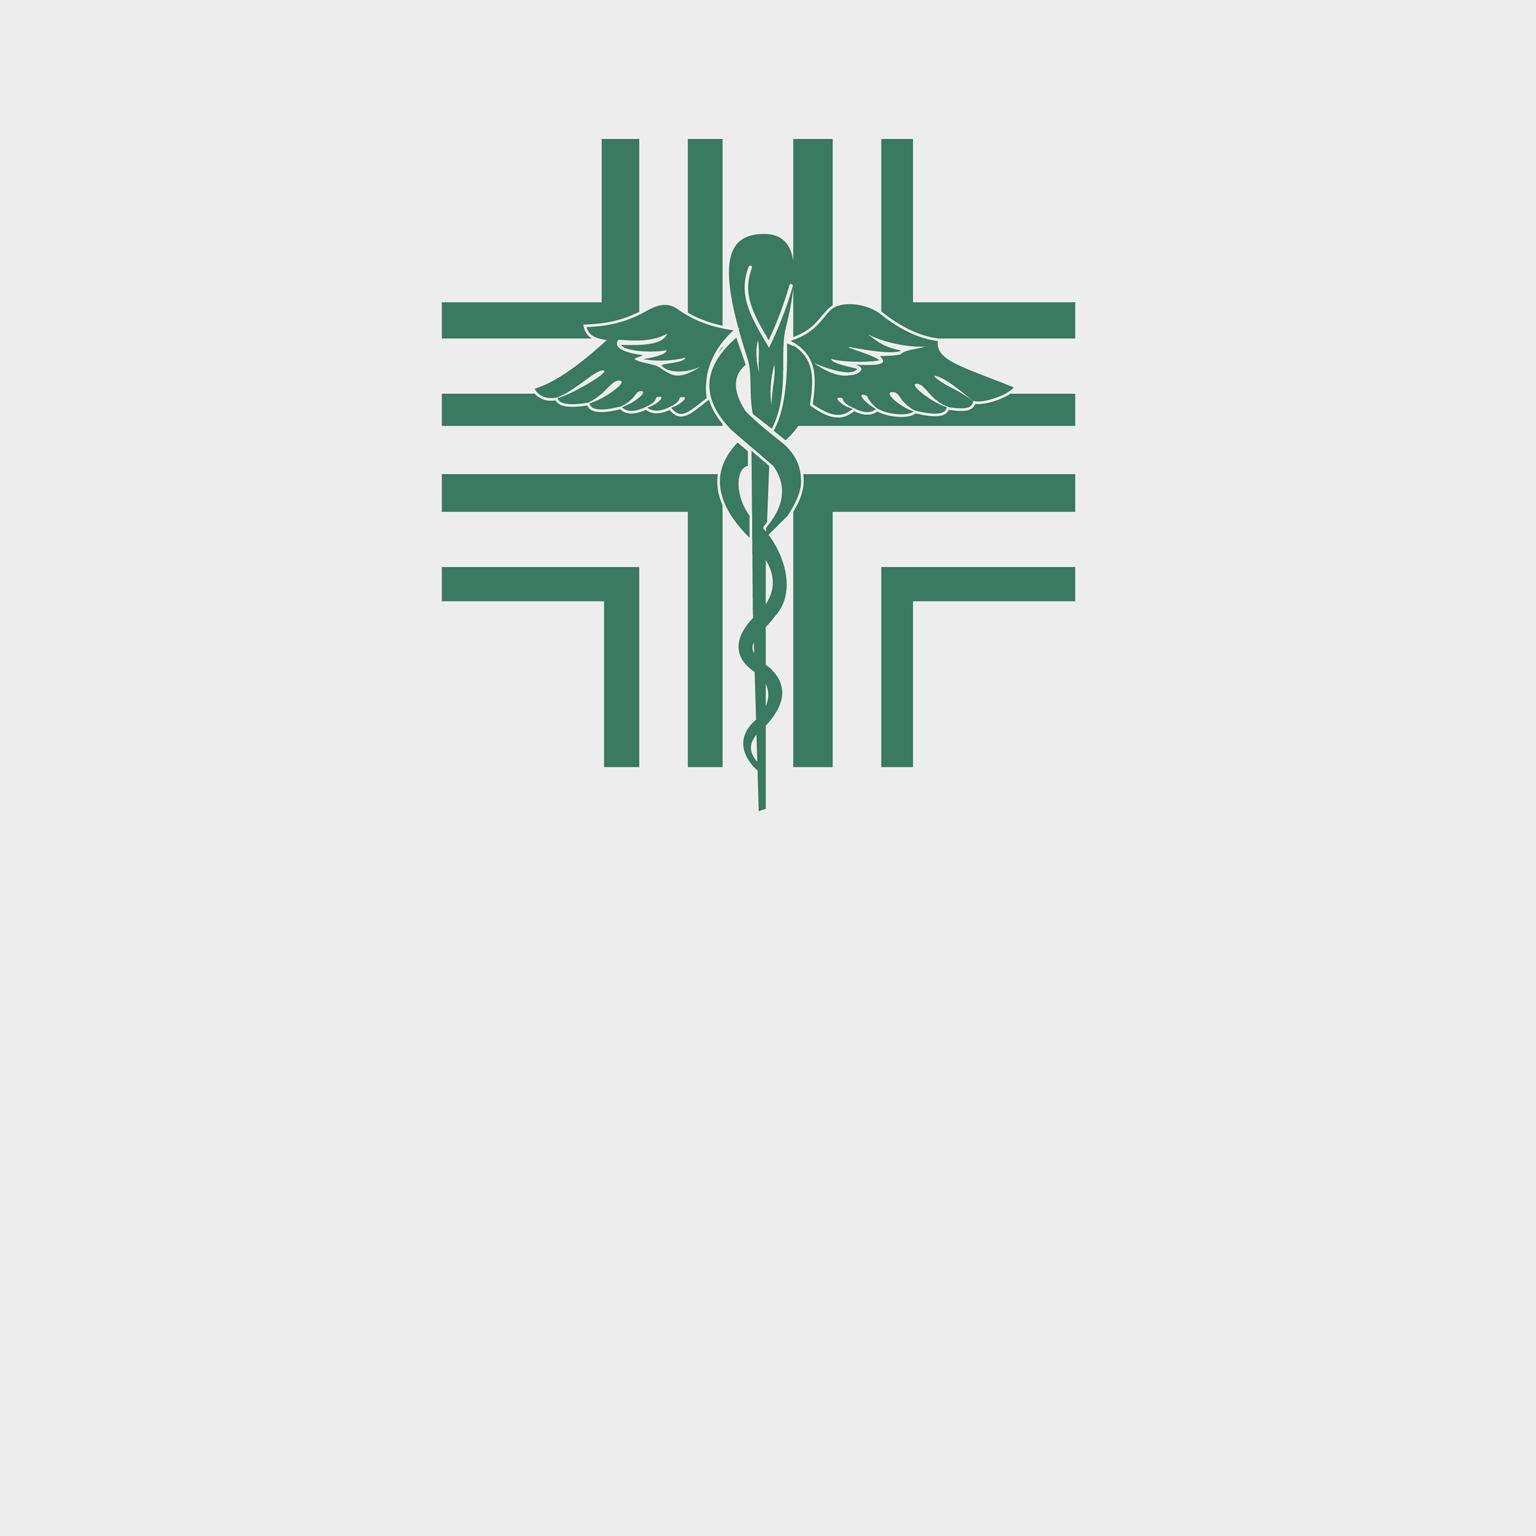 bastone-di-esculapio-simbolo-delle-farmacie